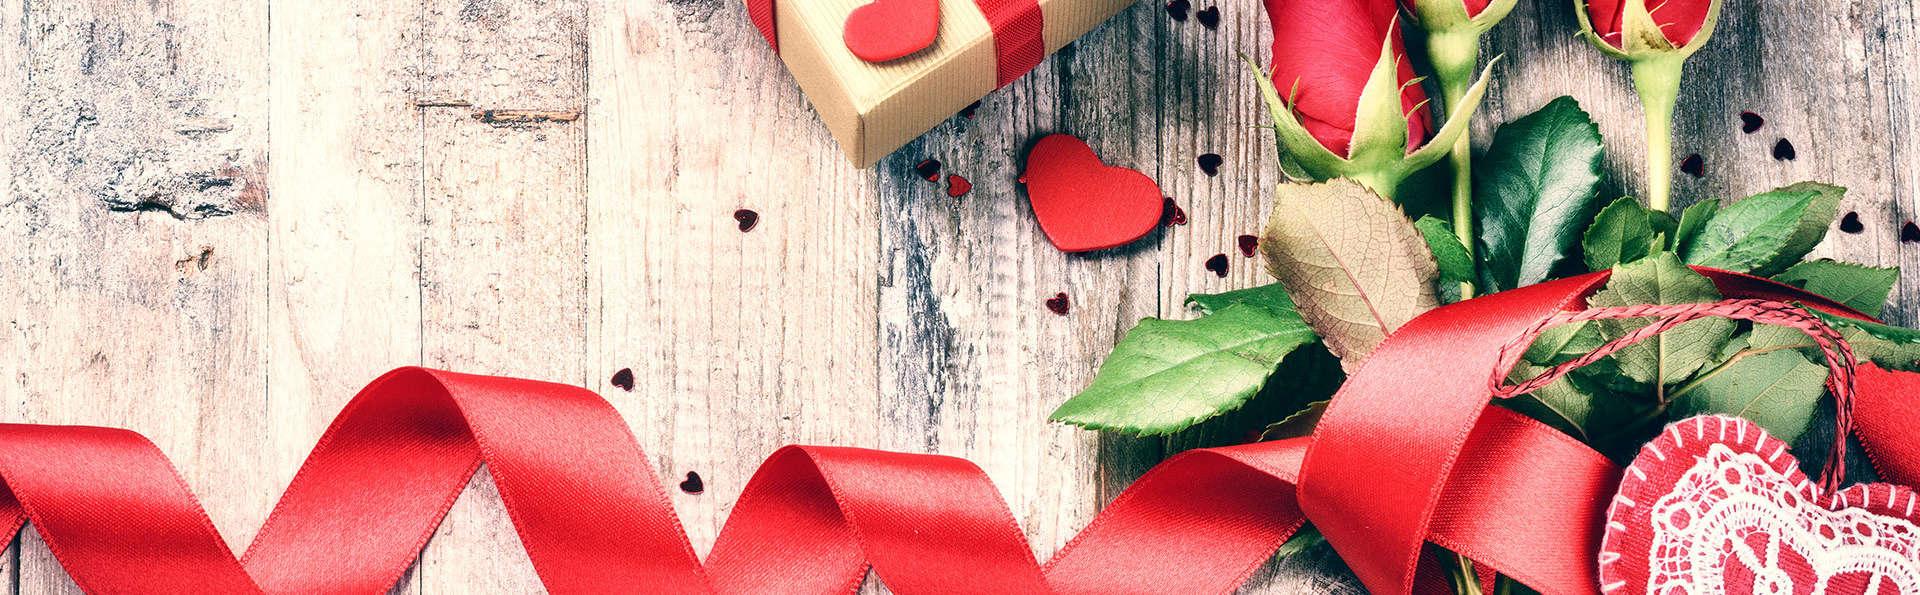 Séjour romantique à Milan, avec surclassement enJunior Suite !